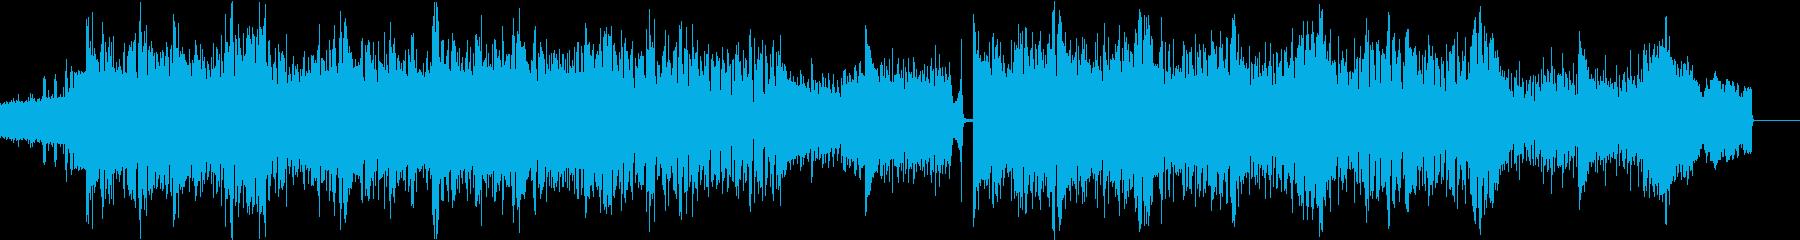 ★90年代ハッピーハードコア(ハピコア)の再生済みの波形